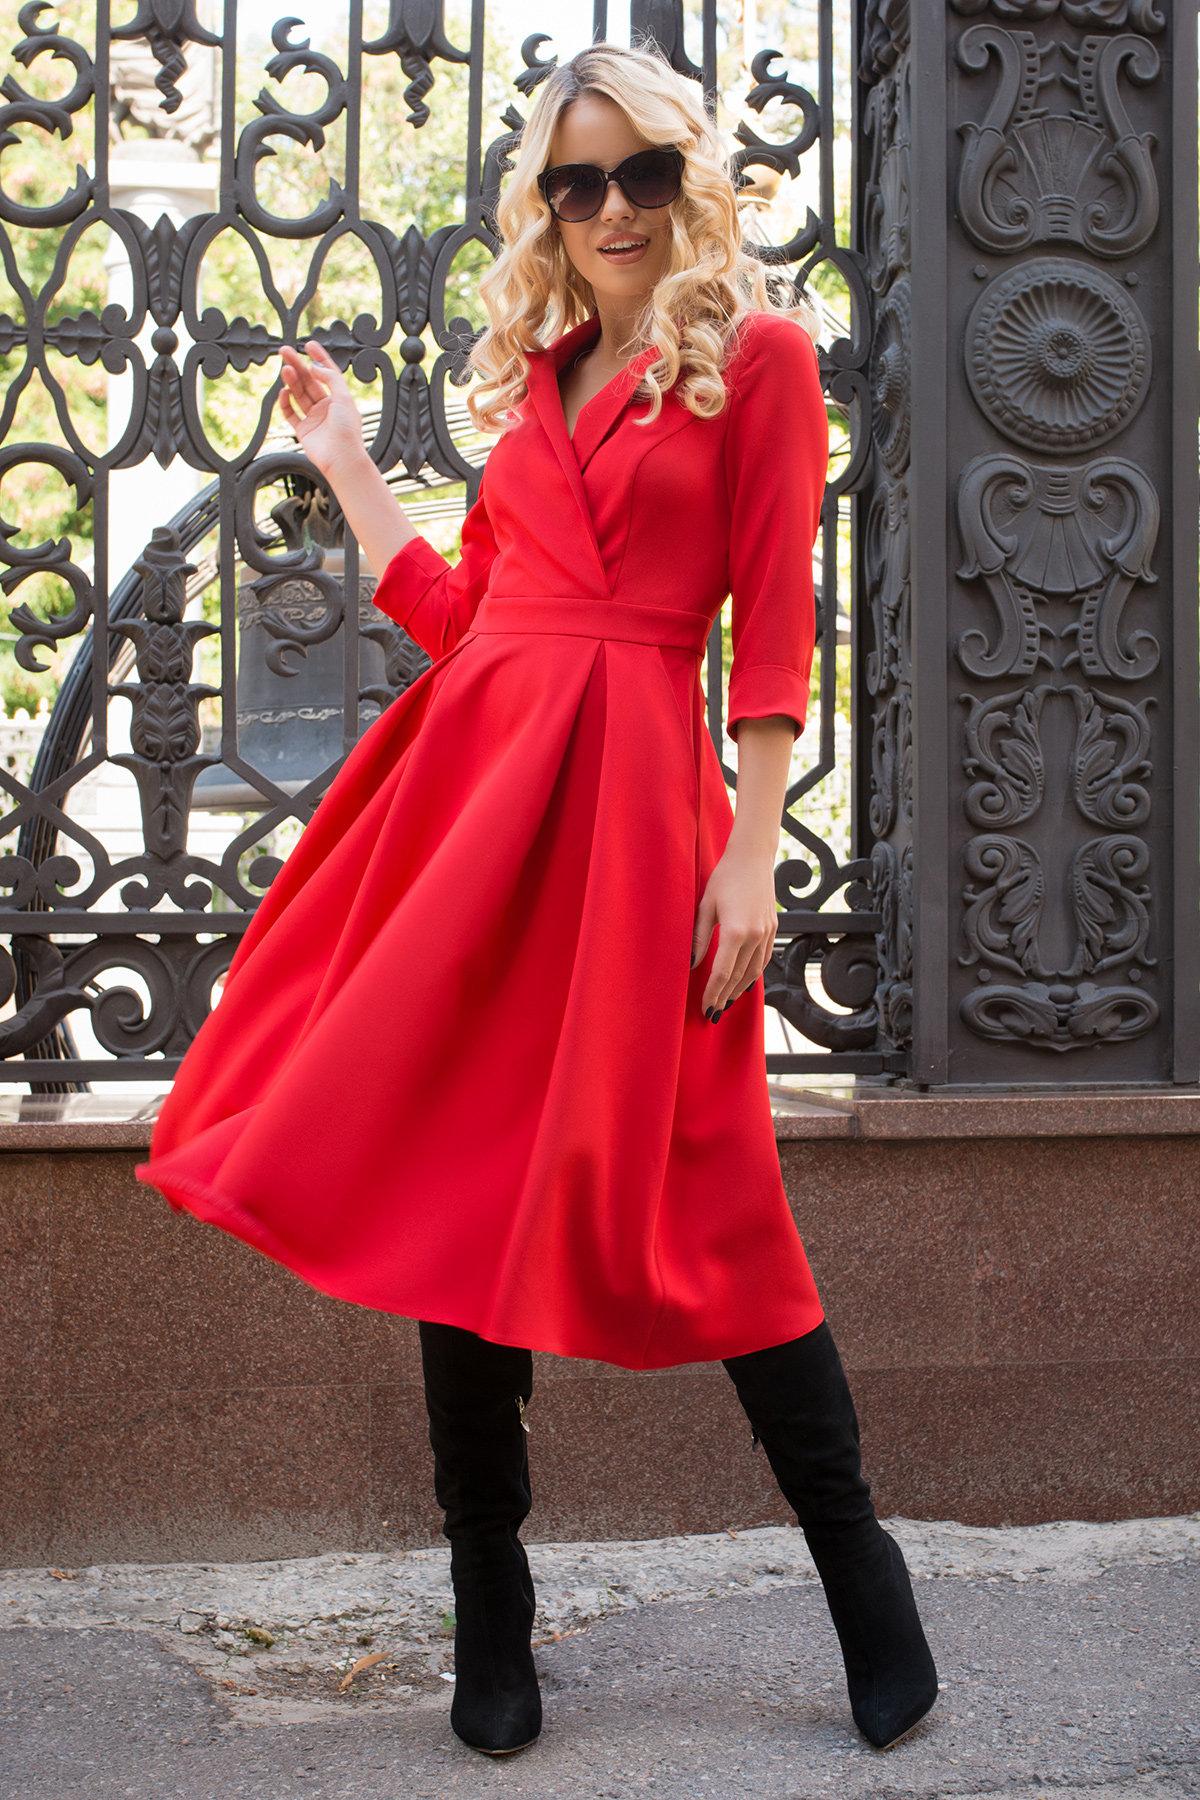 Платье в офис Артего 7832 АРТ. 43767 Цвет: Красный 4 - фото 3, интернет магазин tm-modus.ru